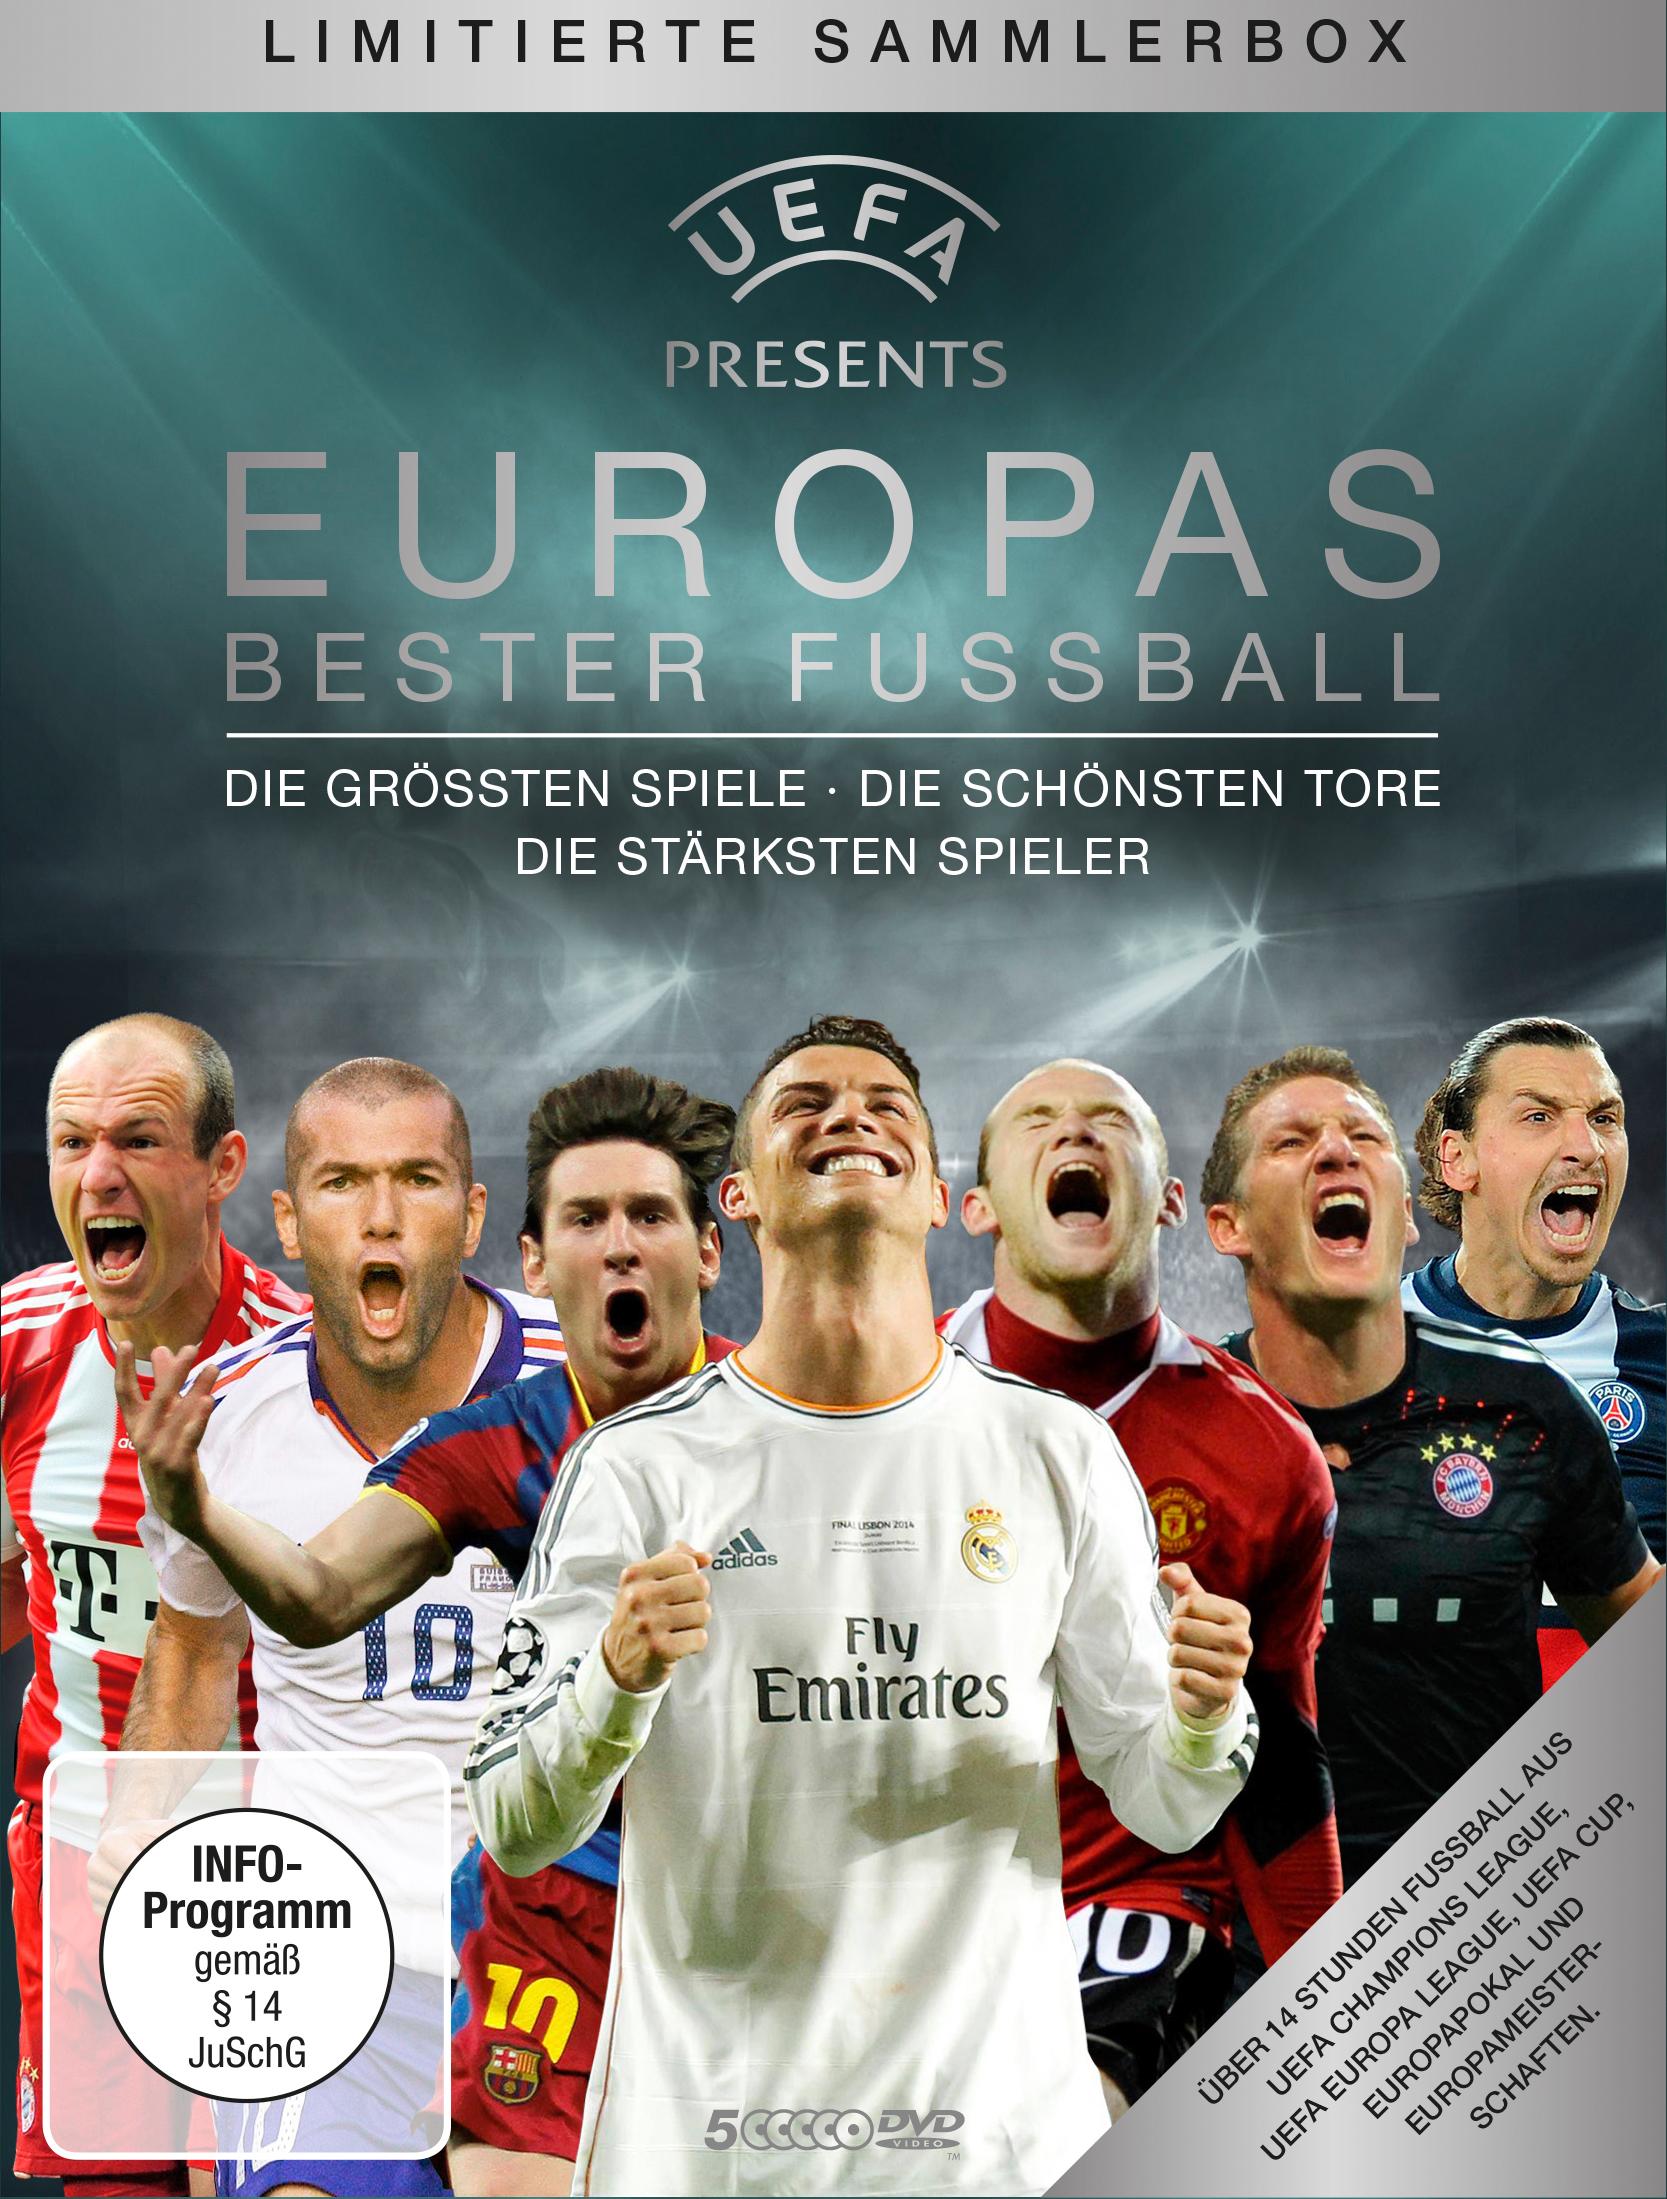 UEFA präsentiert: Europas bester Fußball (5-DVD-Box)